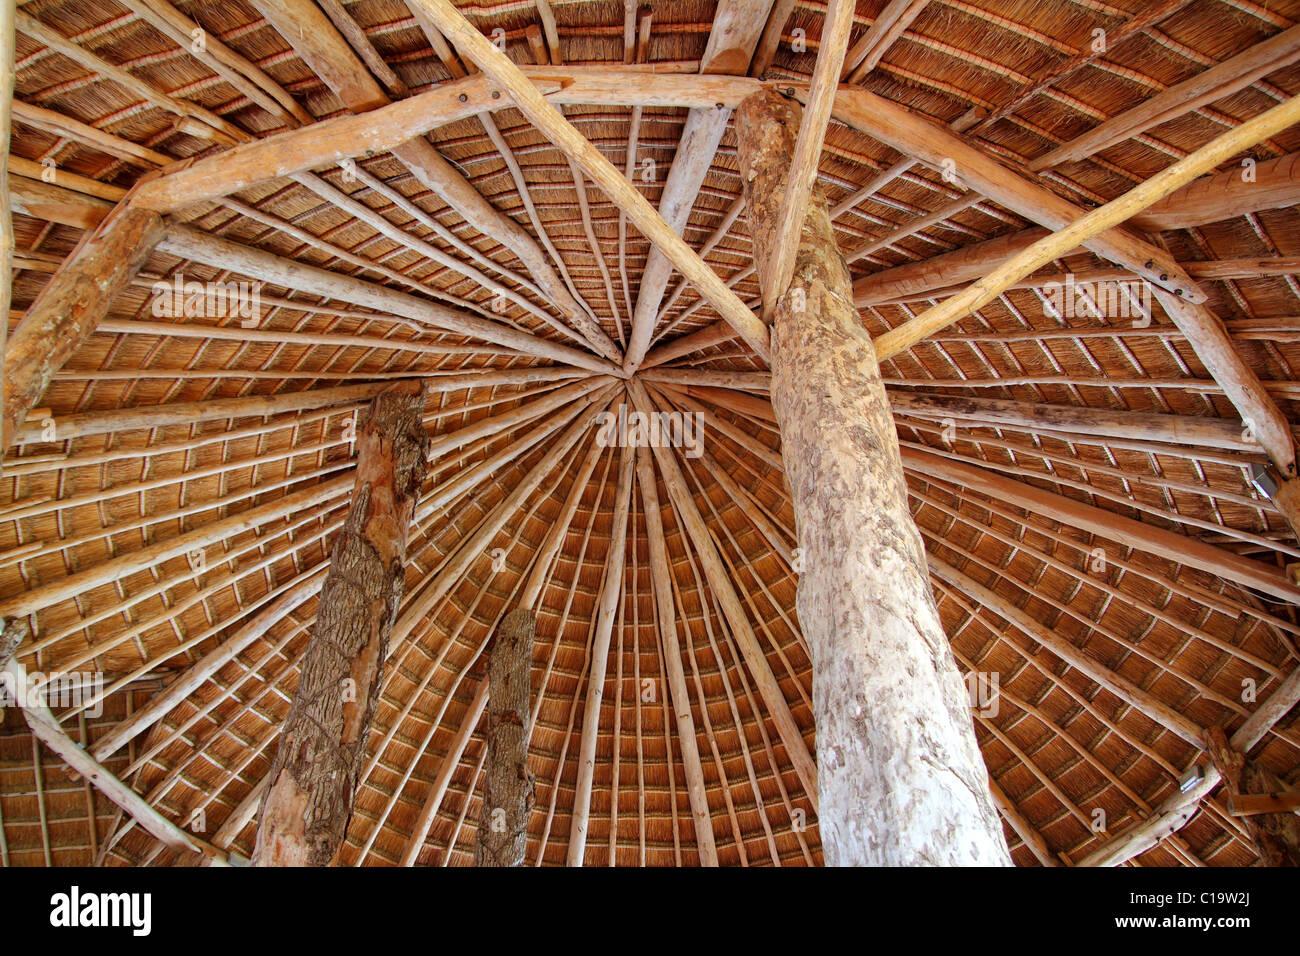 Hütte Palapa traditionelle Hütte Sonne Dach Wiev von oben Mexiko Architektur Stockbild